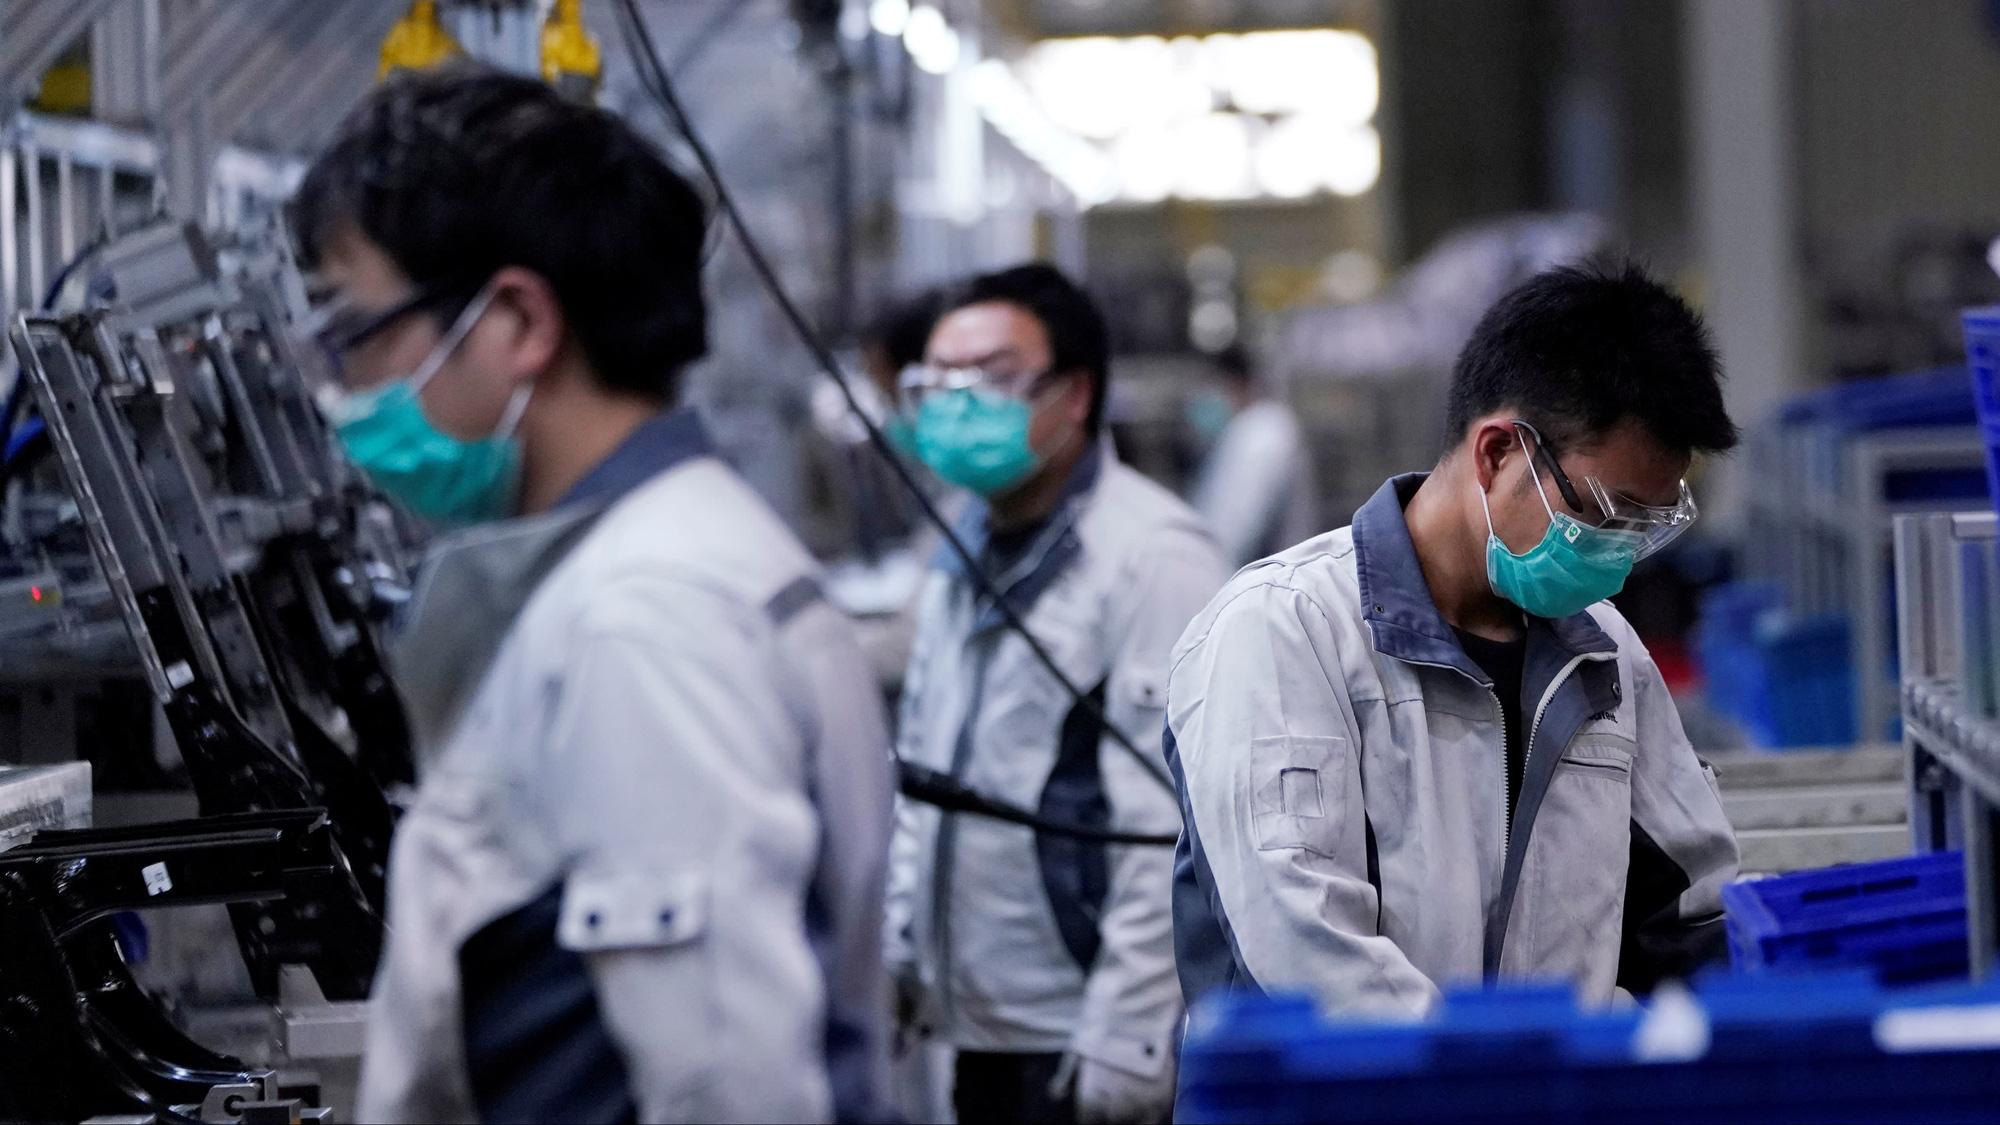 Điện thoại Pixel và máy tính xách tay Surface sẽ được sản xuất tại Việt Nam trong năm nay - Ảnh 2.